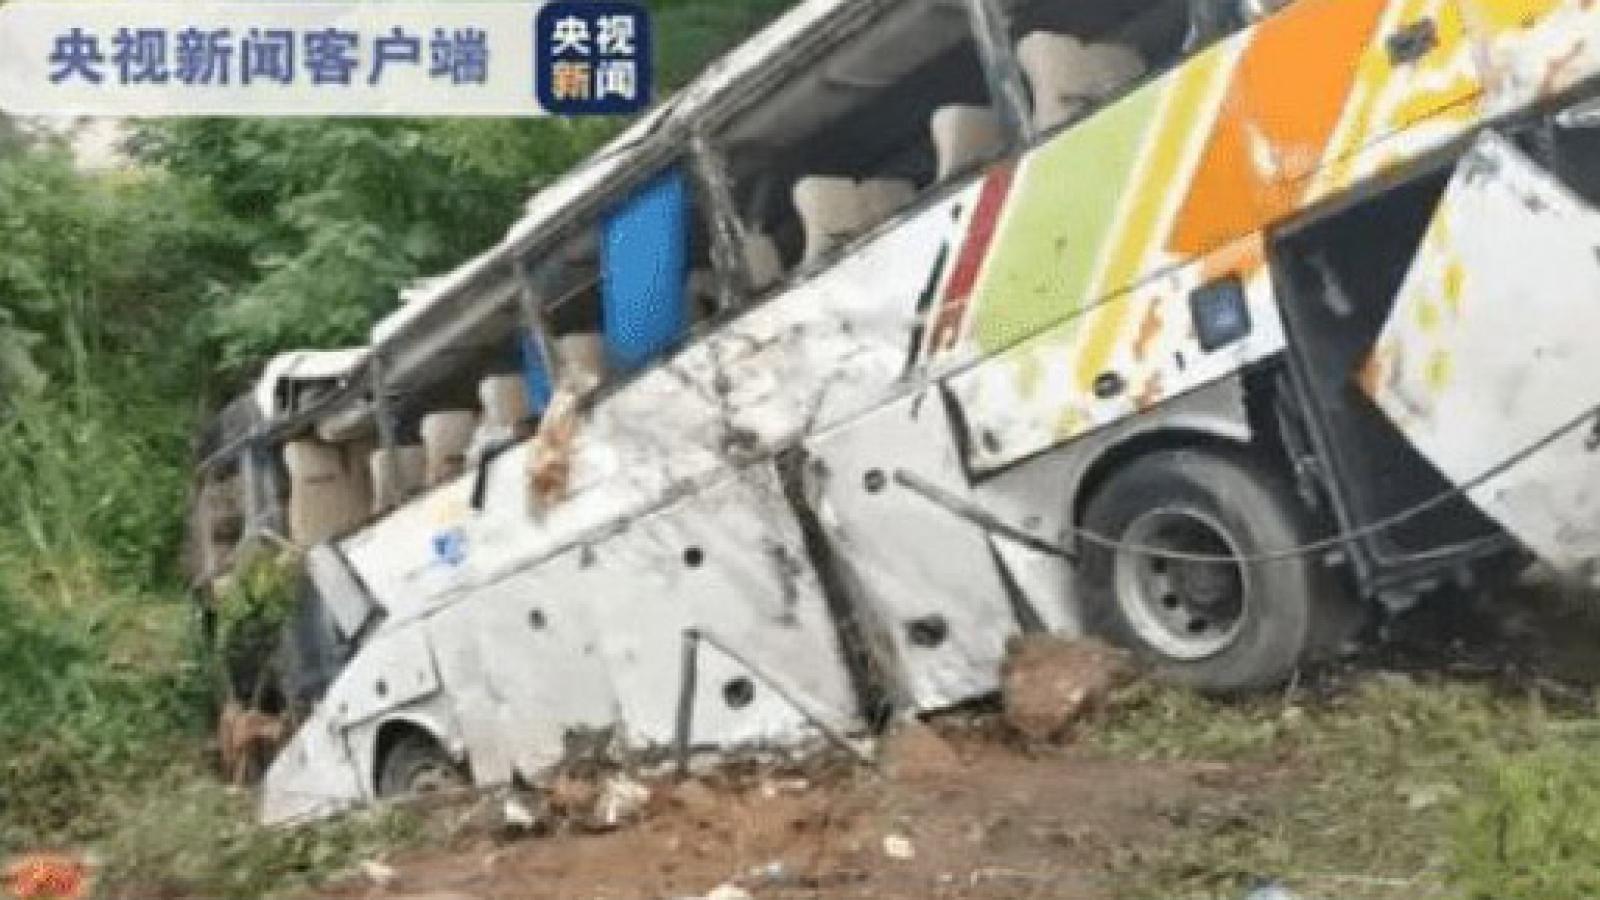 Tai nạn giao thông nghiêm trọng ở Trung Quốc khiến 13 người thiệt mạng